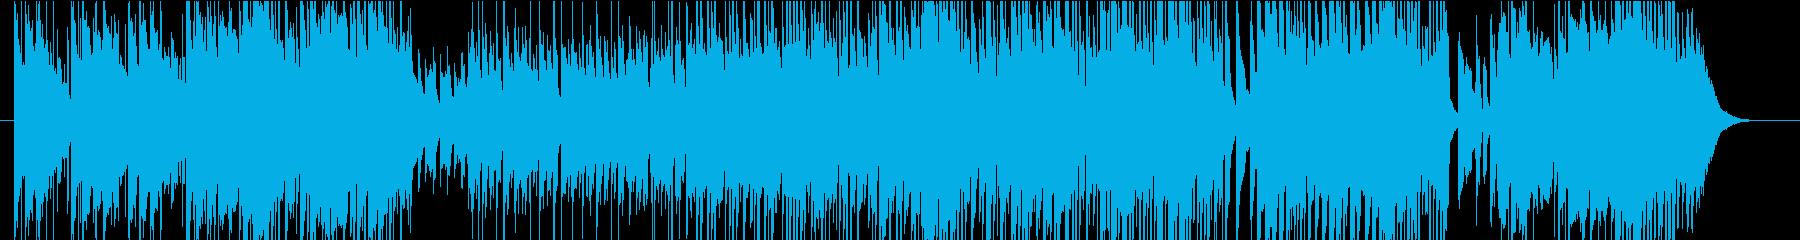 エスニックでミステリアスなBGMの再生済みの波形